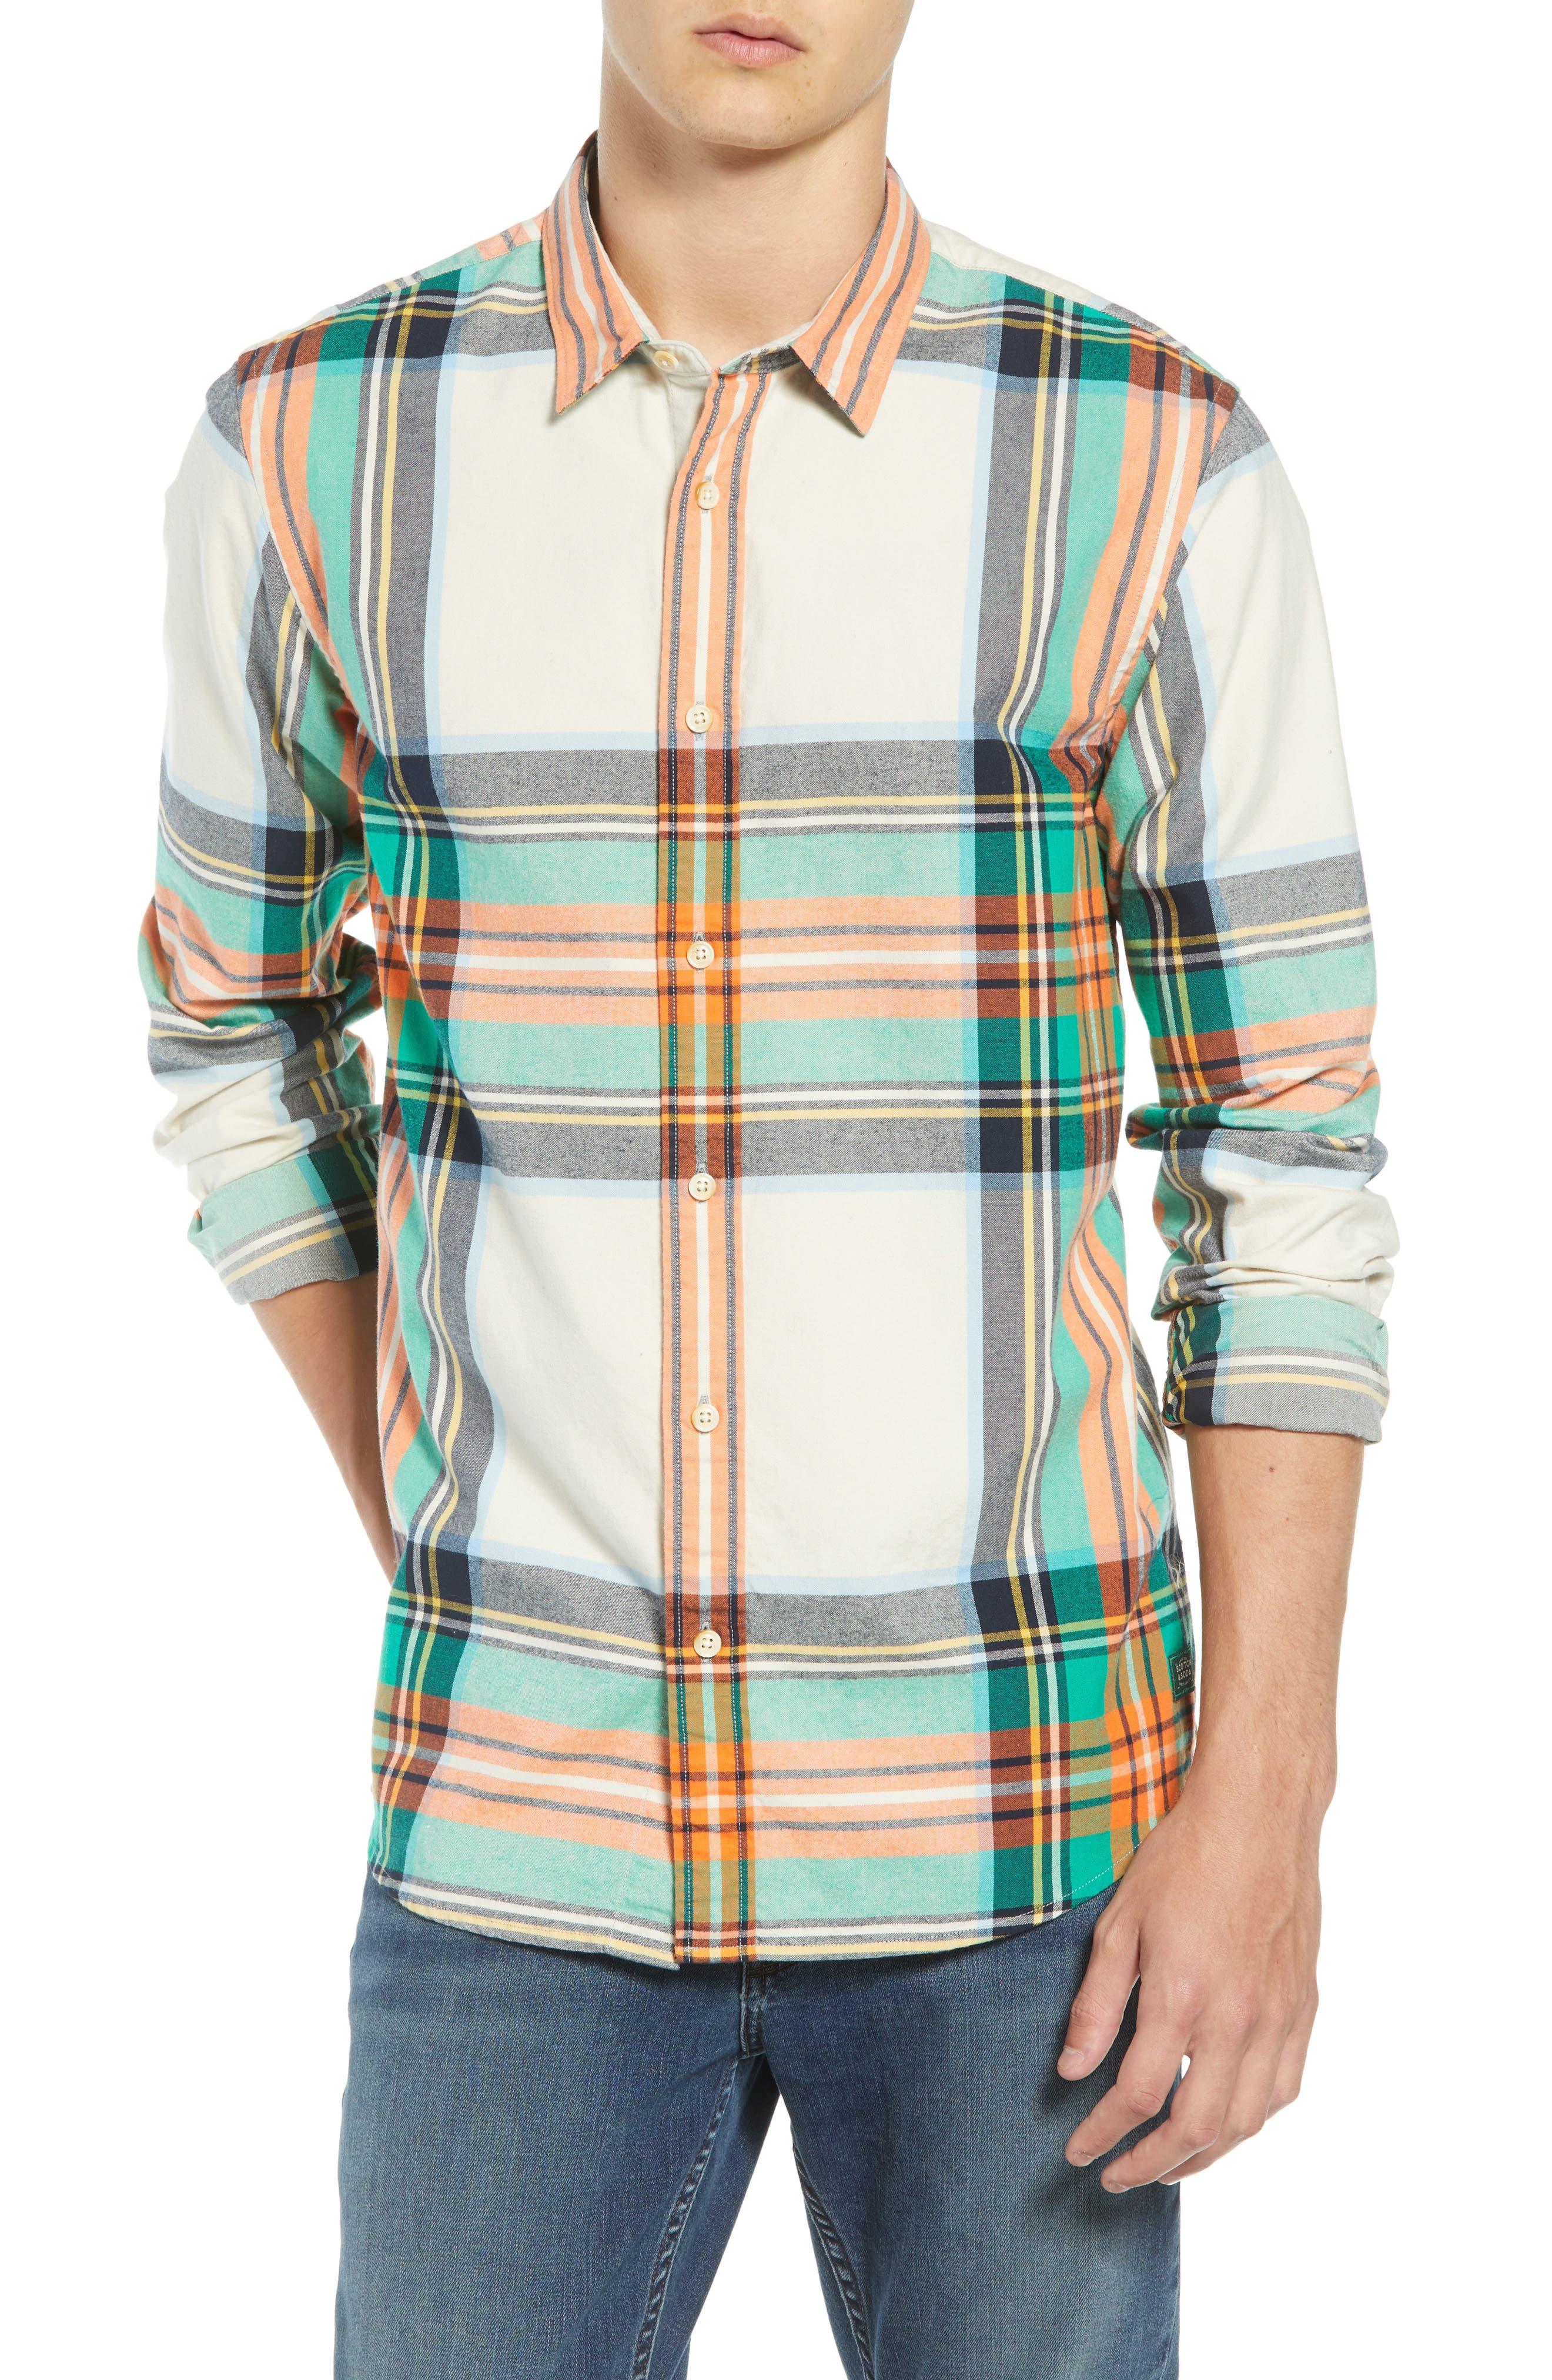 Scotch & Soda Plaid Flannel Shirt, Beige